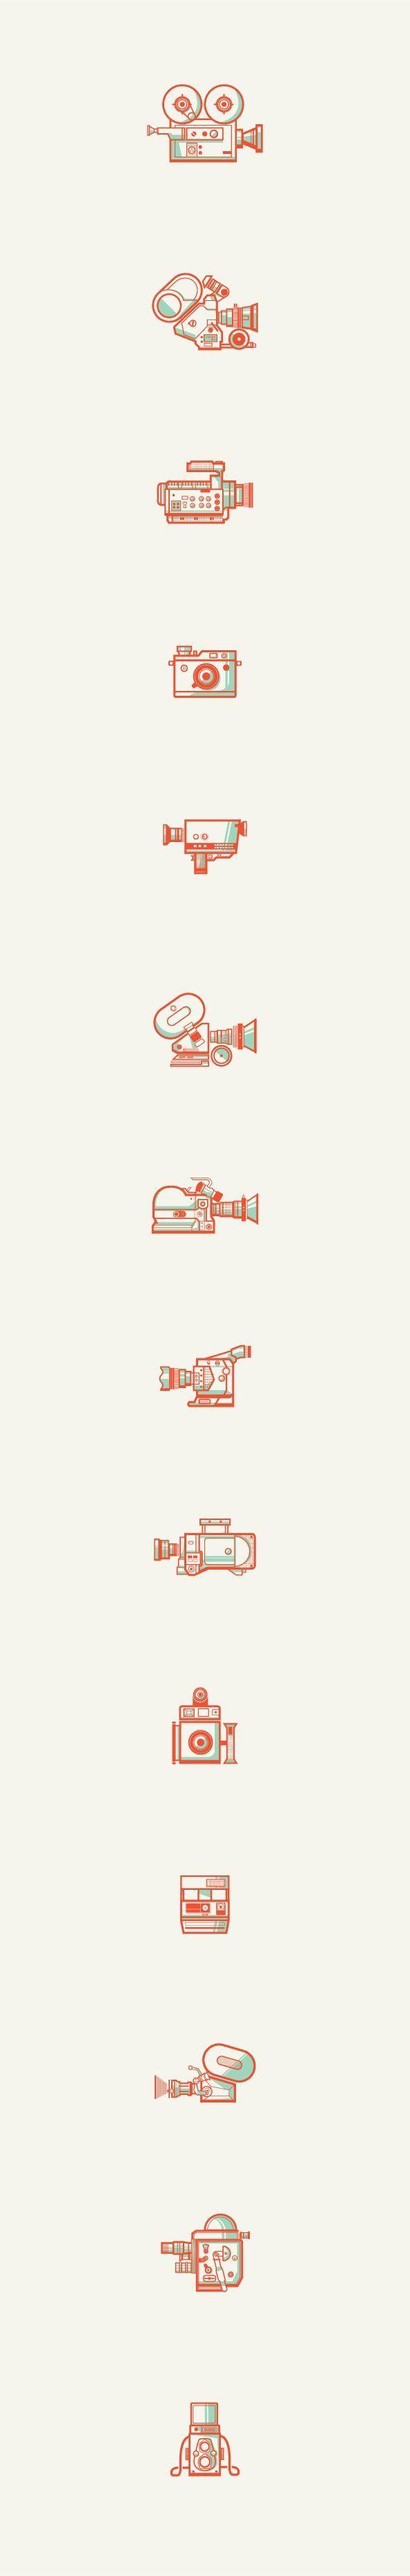 """""""Just Shoot Me""""   Designer: Andres Eraso via http://inspirationbrowser.com"""